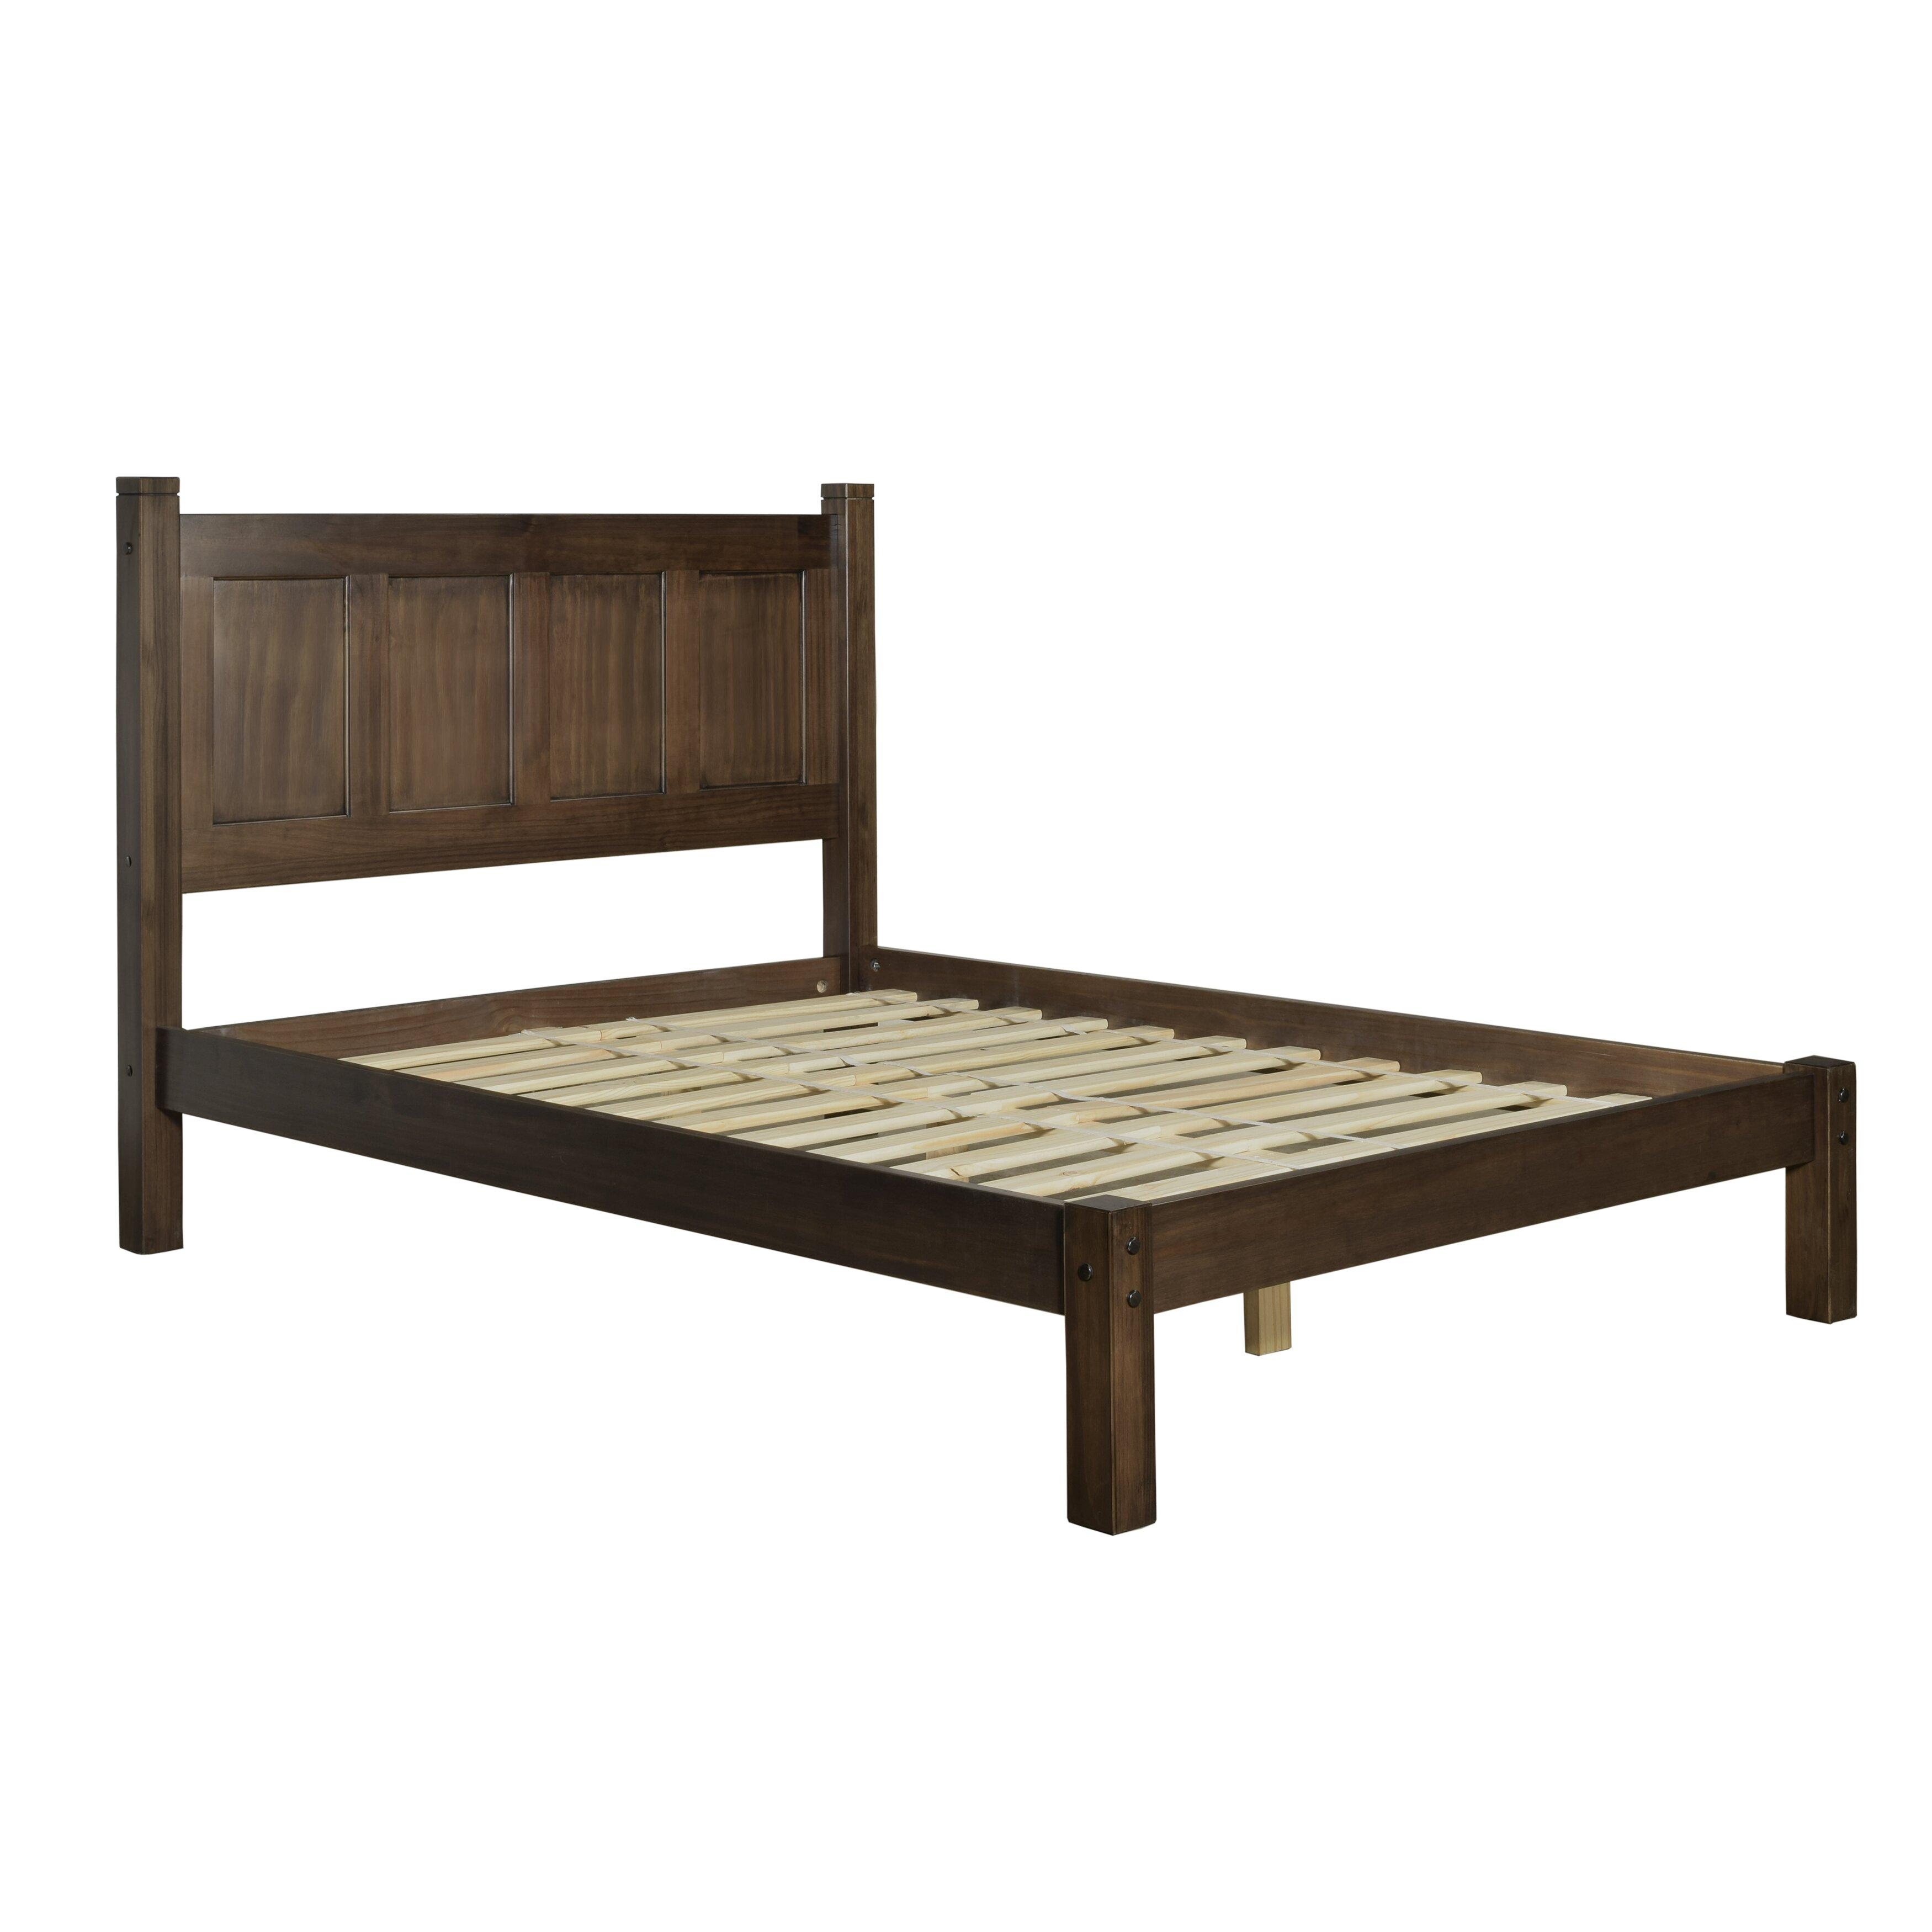 Grain Wood Furniture Shaker Platform Bed Reviews Wayfair